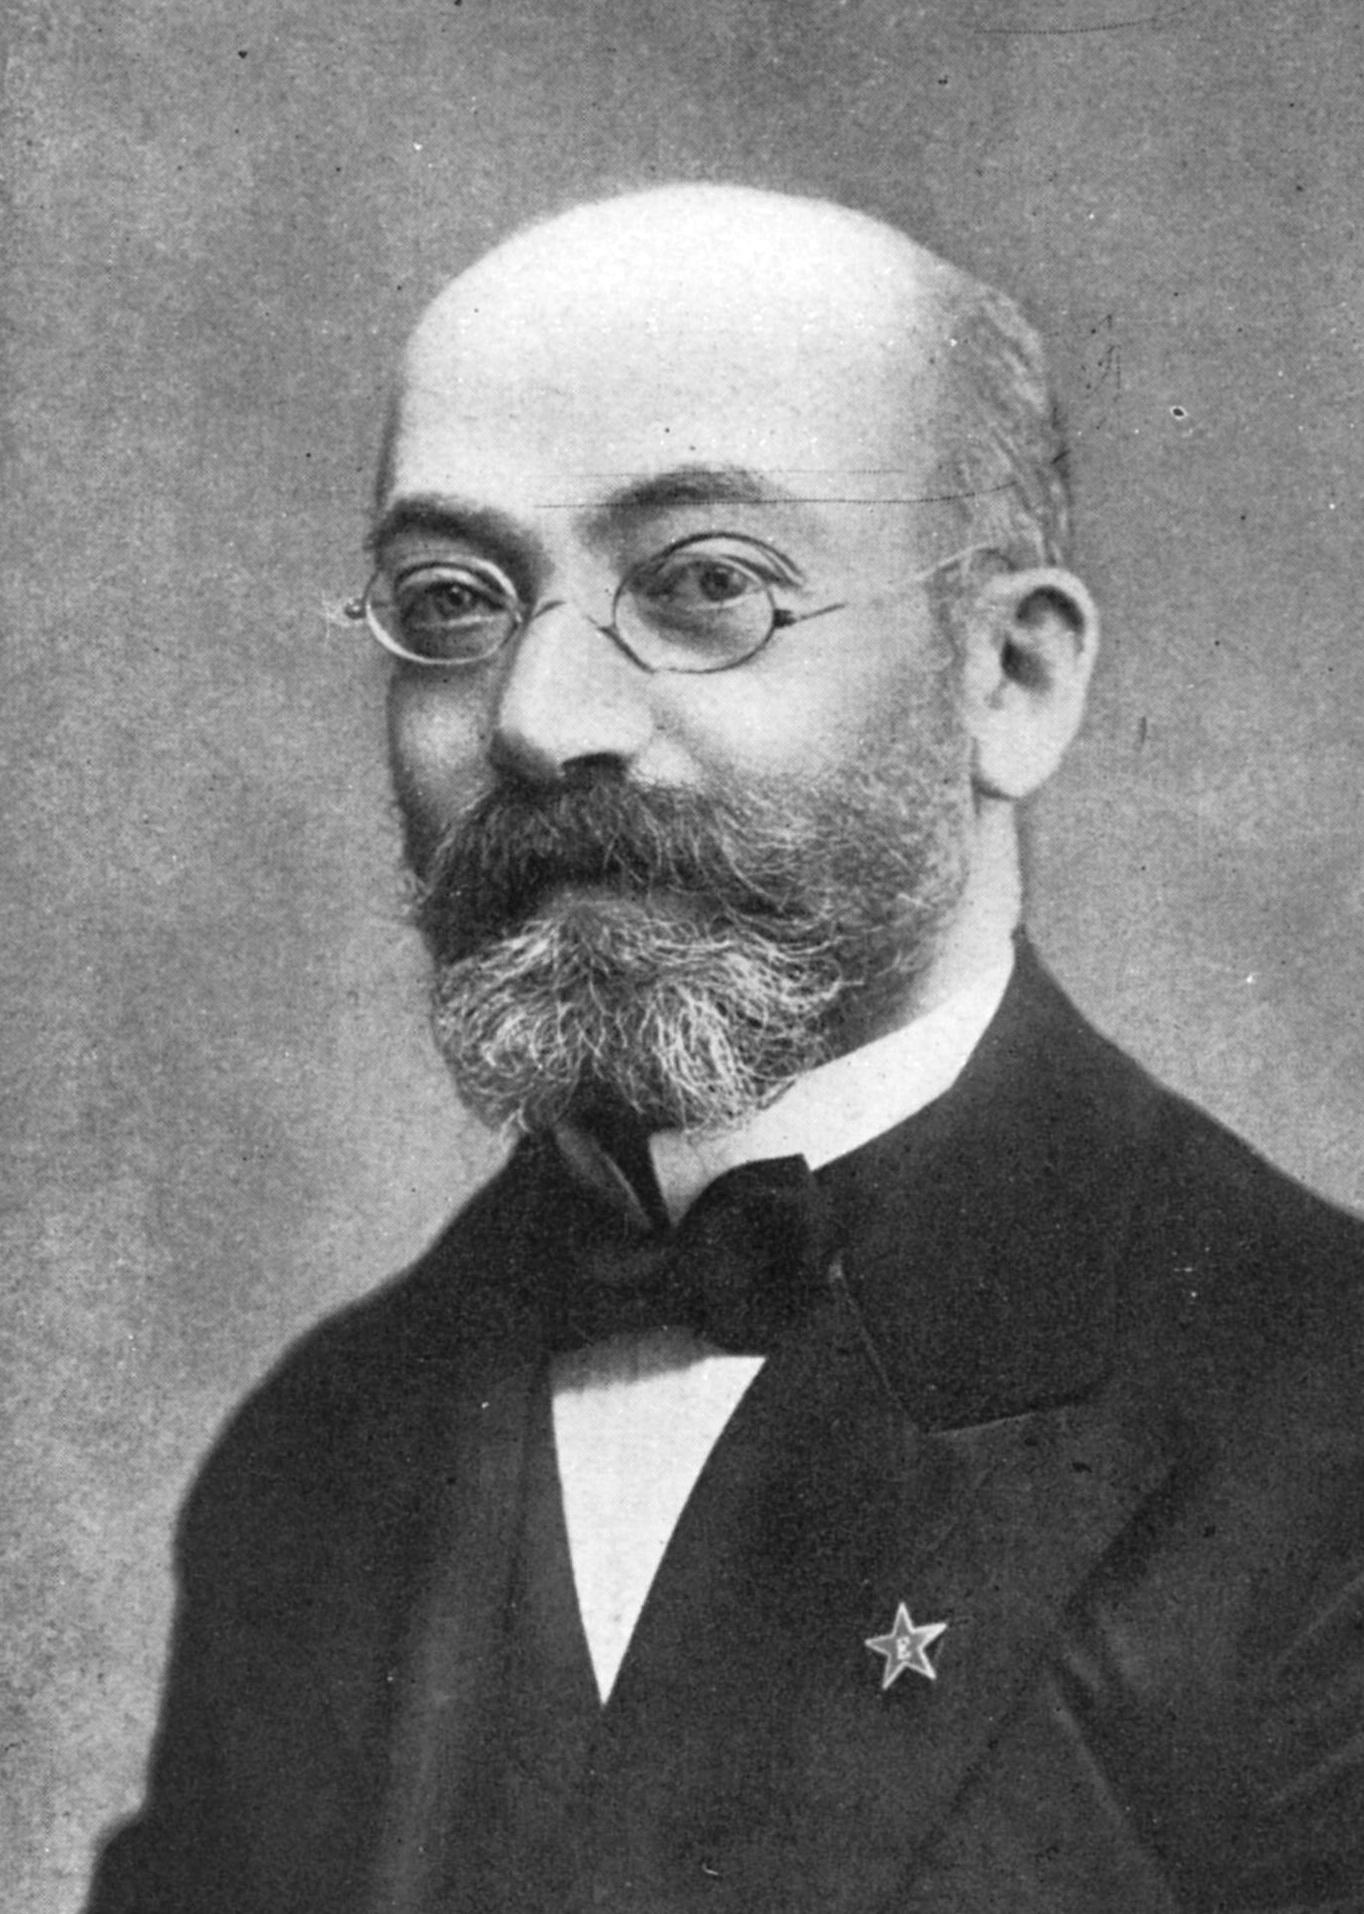 Ludwik Zamenhof 1908